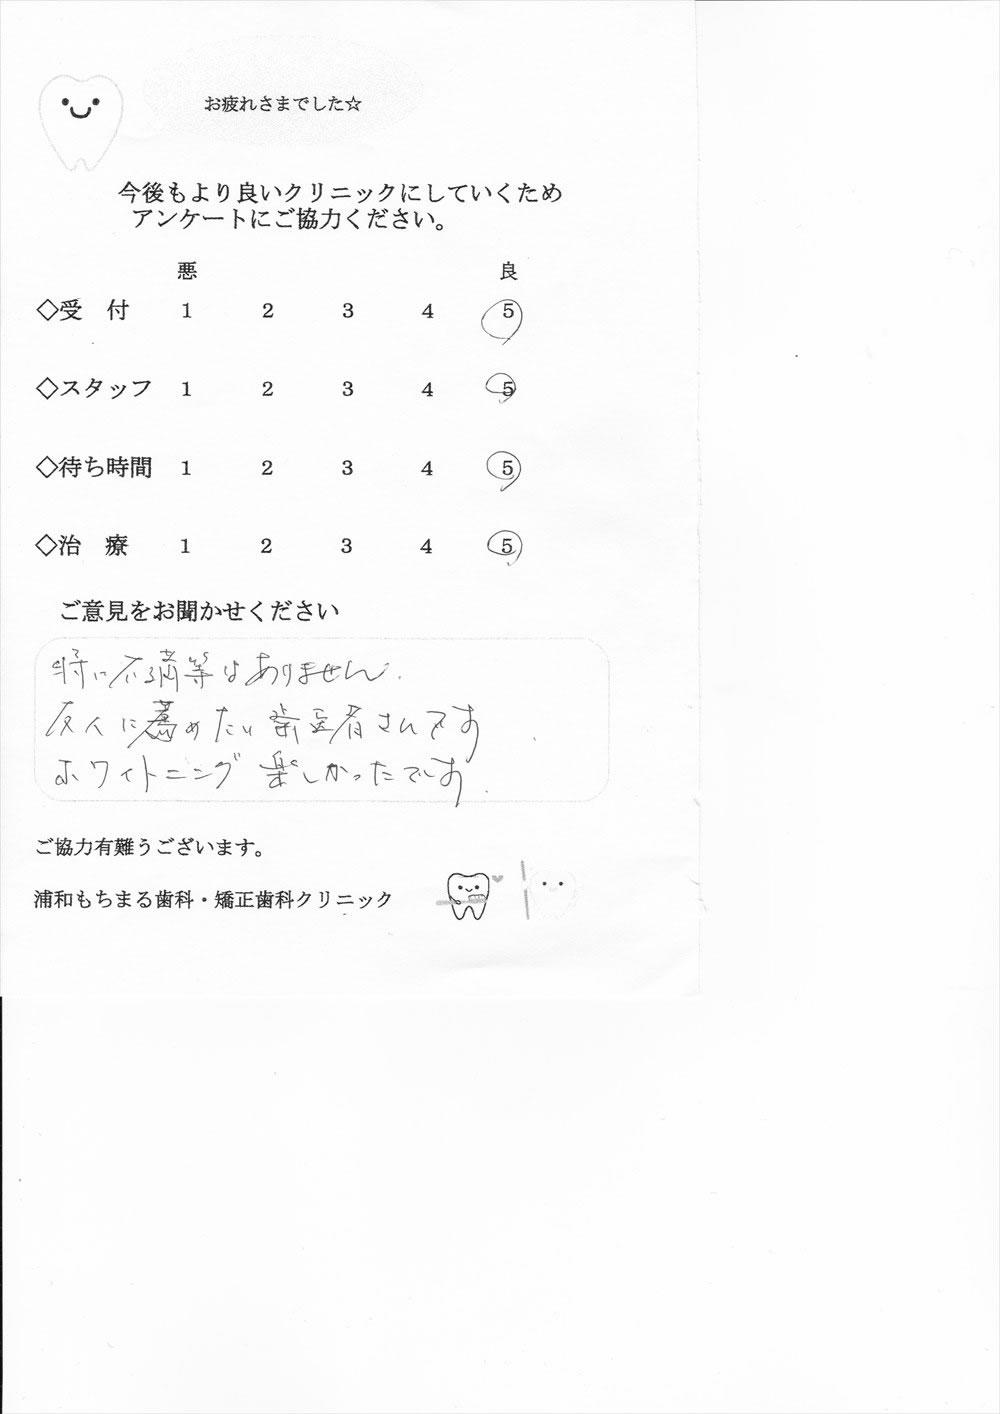 浦和もちまる歯科・矯正歯科の口コミ・評判アンケート15